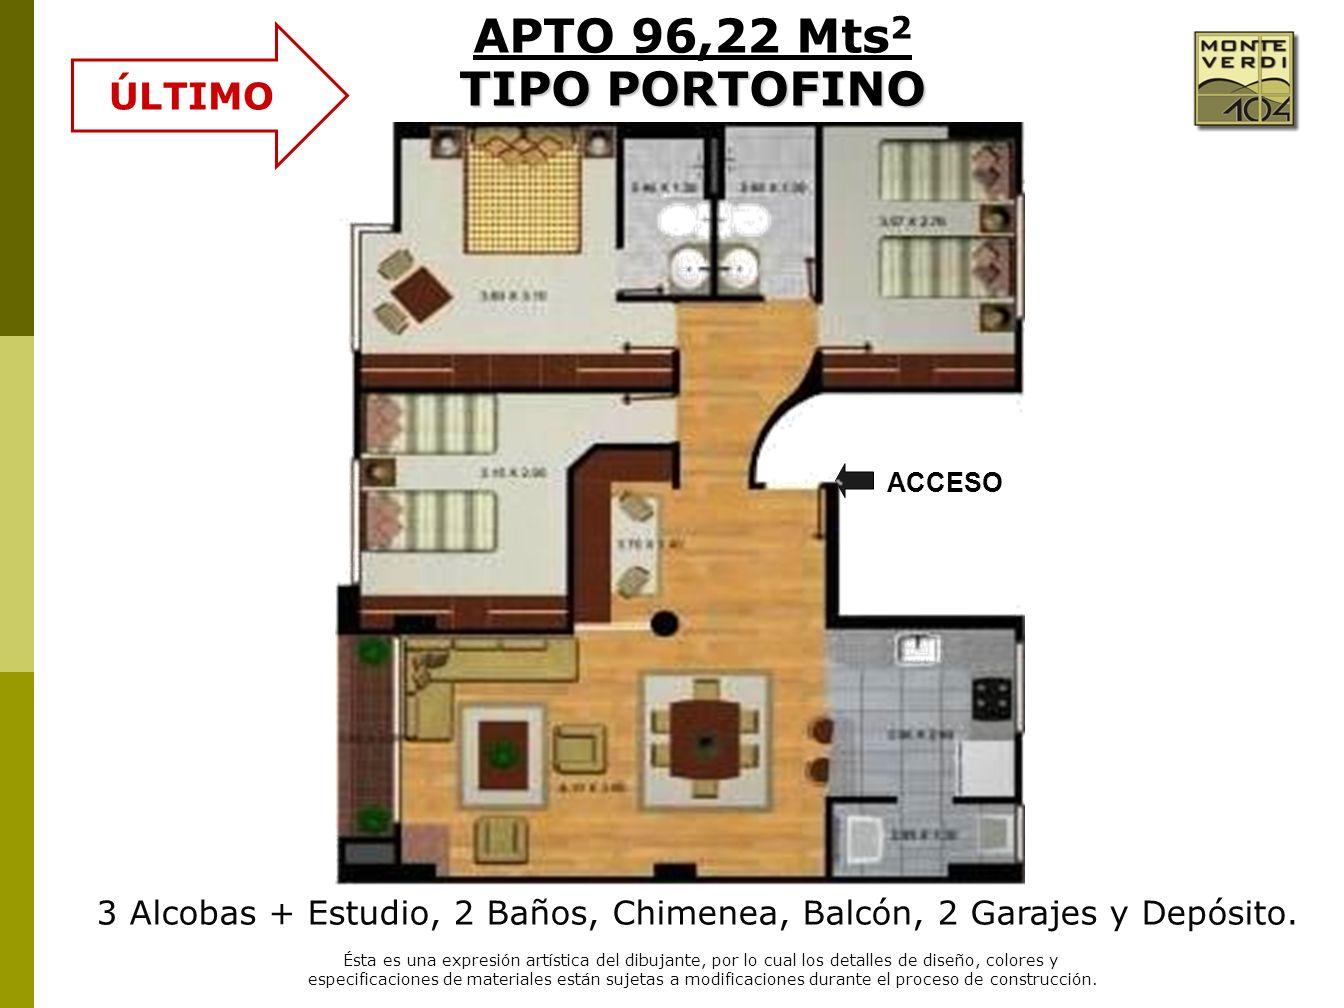 3 Alcobas + Estudio, 2 Baños, Chimenea, Balcón, 2 Garajes y Depósito. Ésta es una expresión artística del dibujante, por lo cual los detalles de diseñ